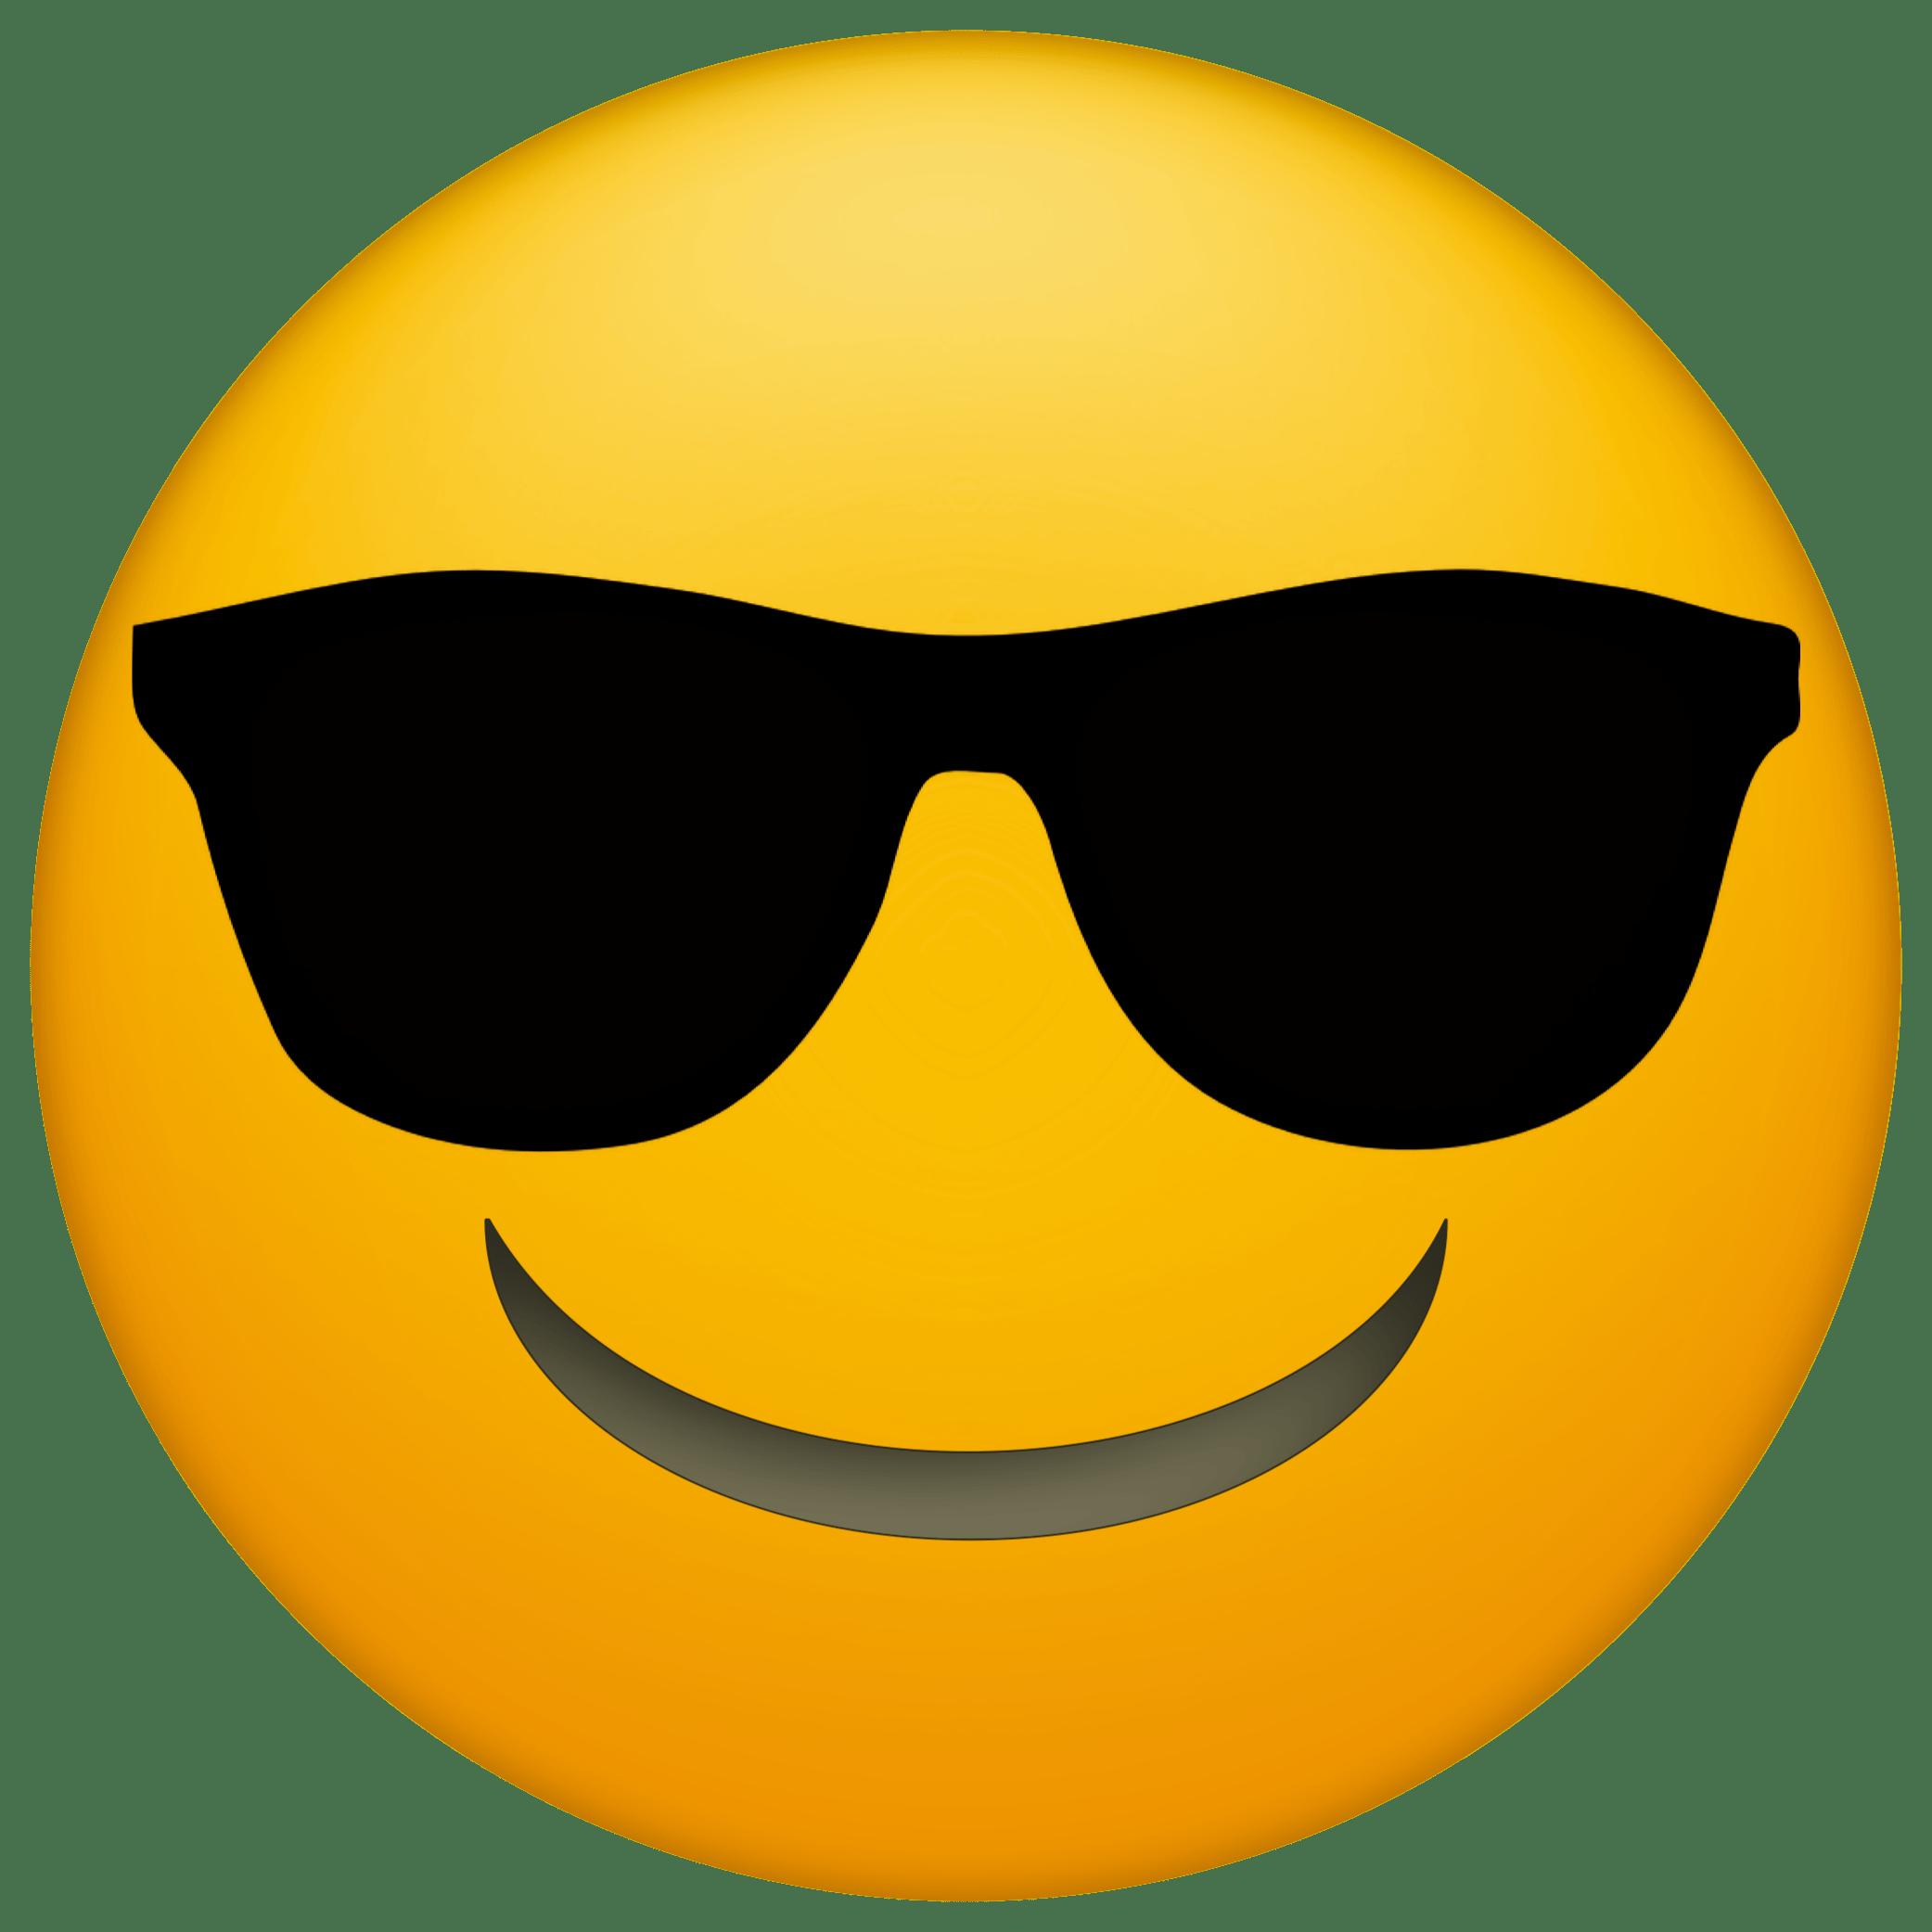 Circle clipart shades. Emoji sunglasses png pixels